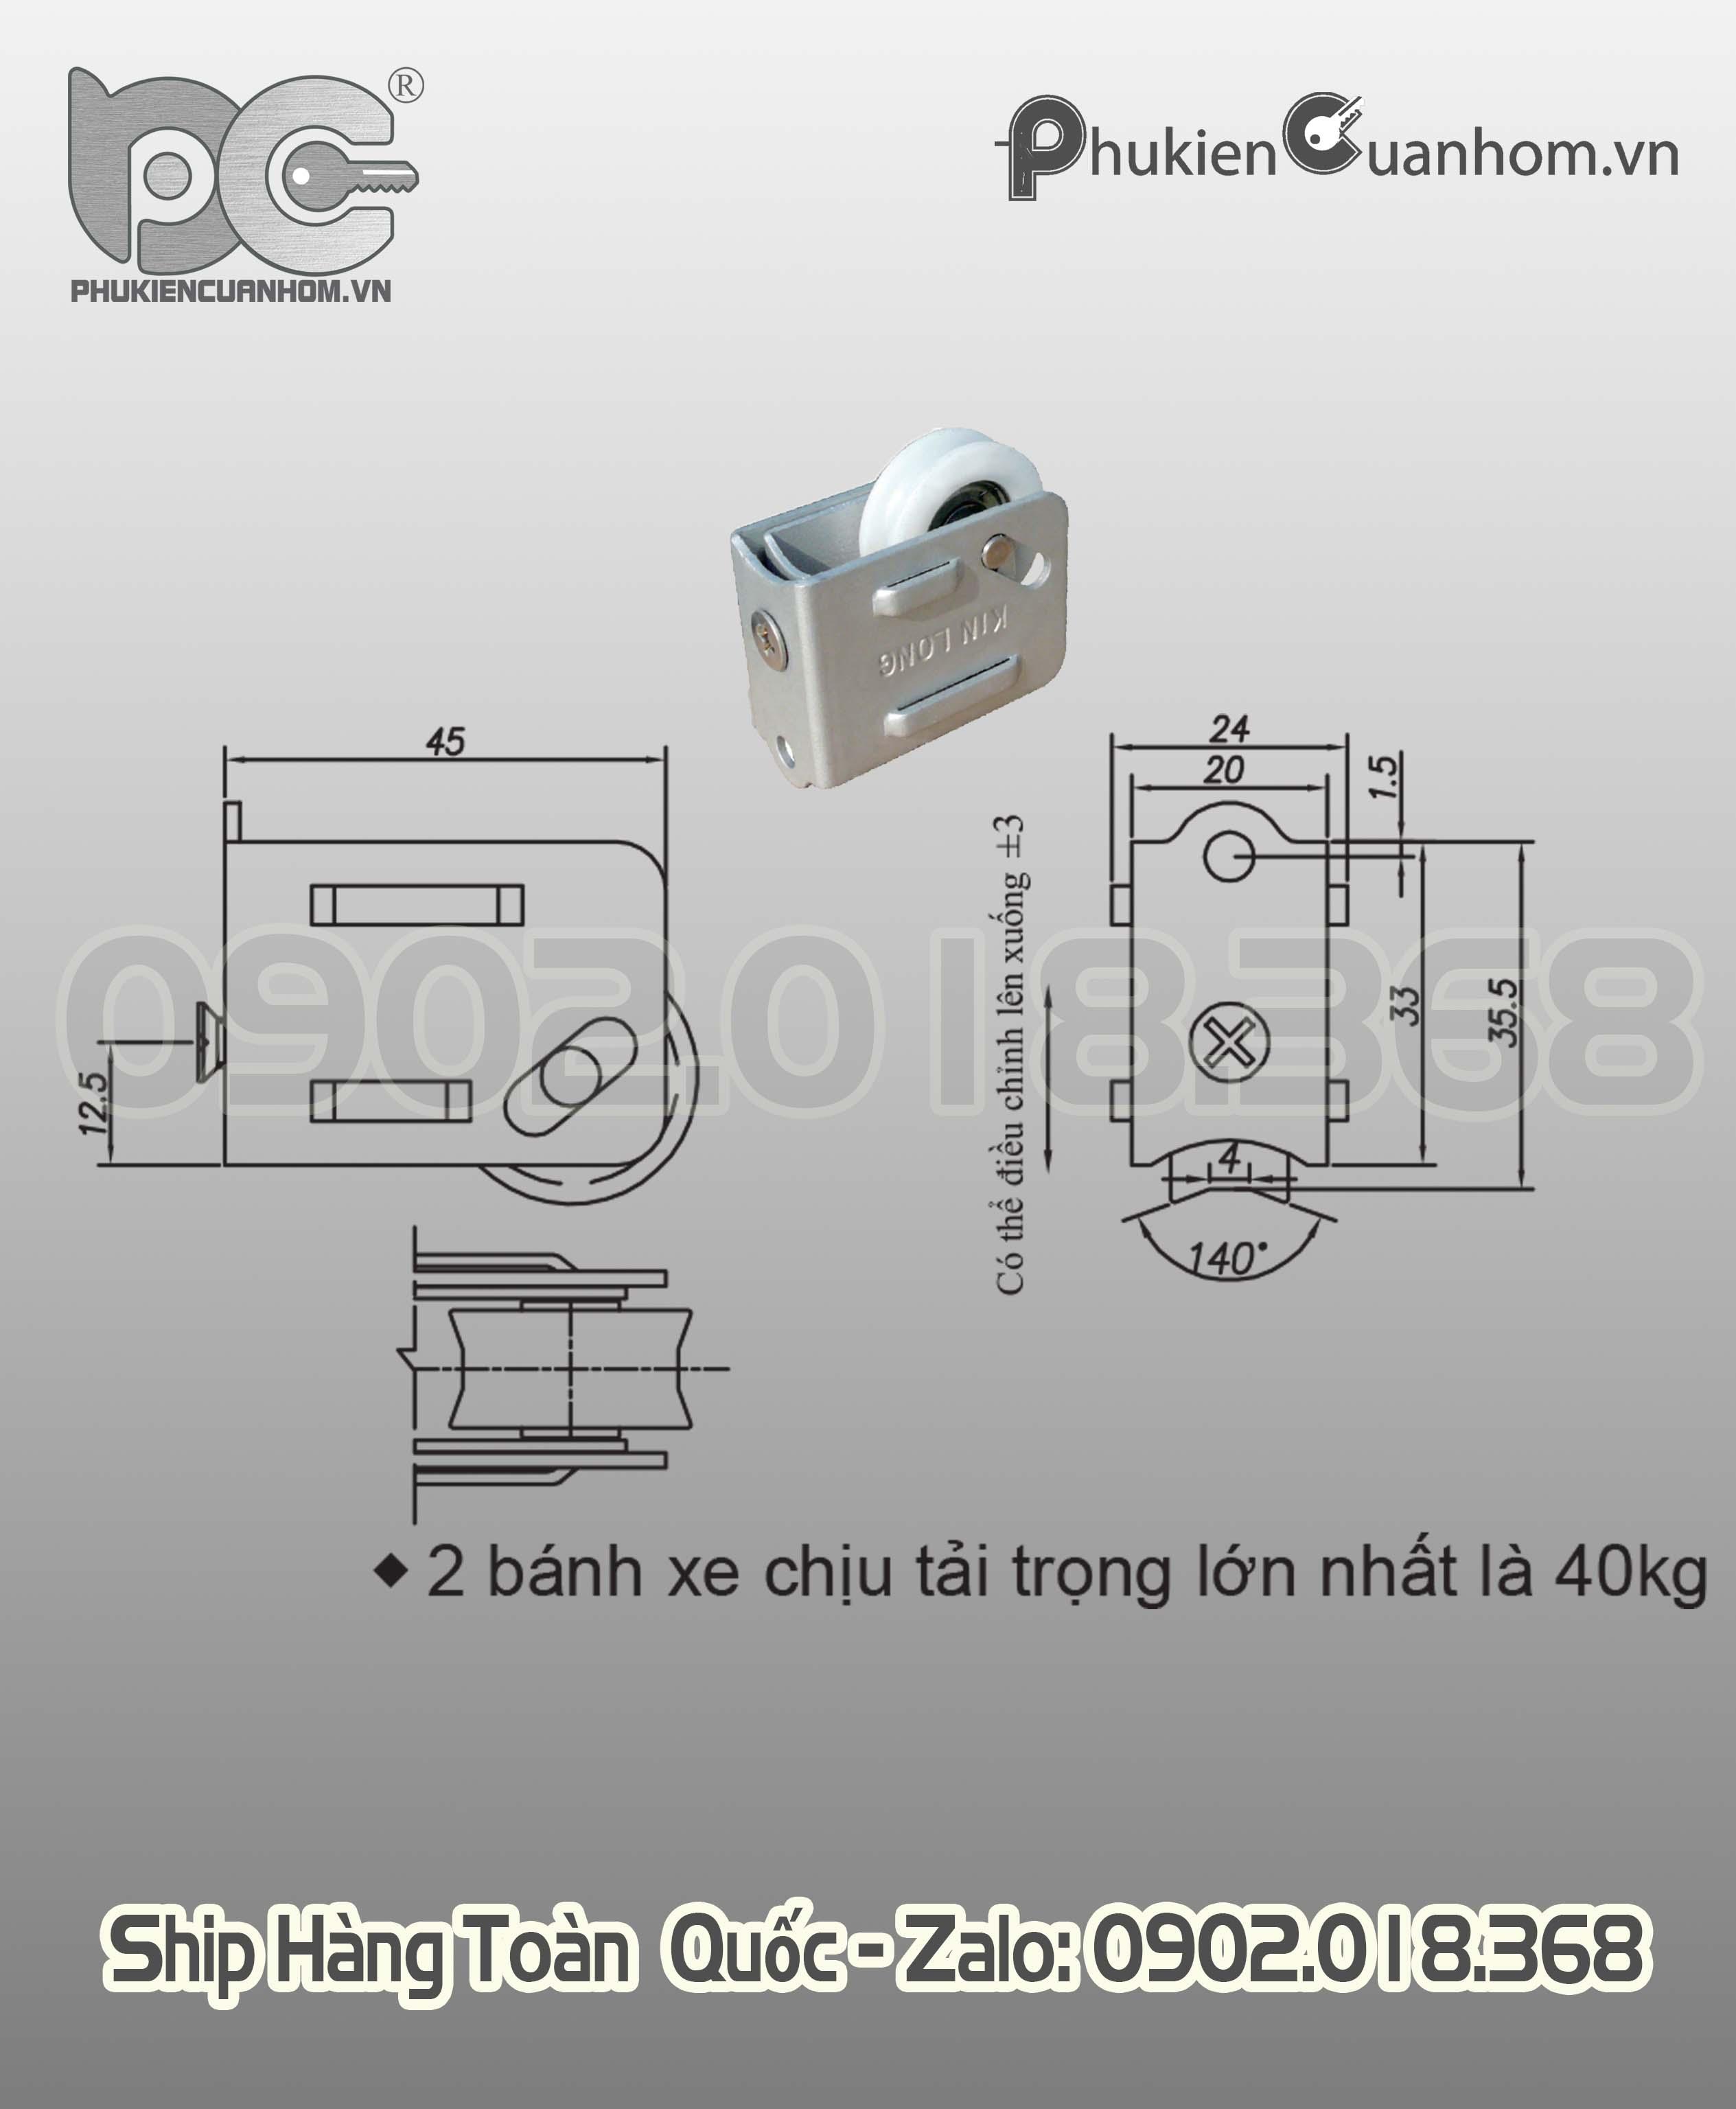 Bánh xe đơn cửa lùa hệ 2001 (93) hiệu KinLong chính hãng - CL50G33K-L4J140K4